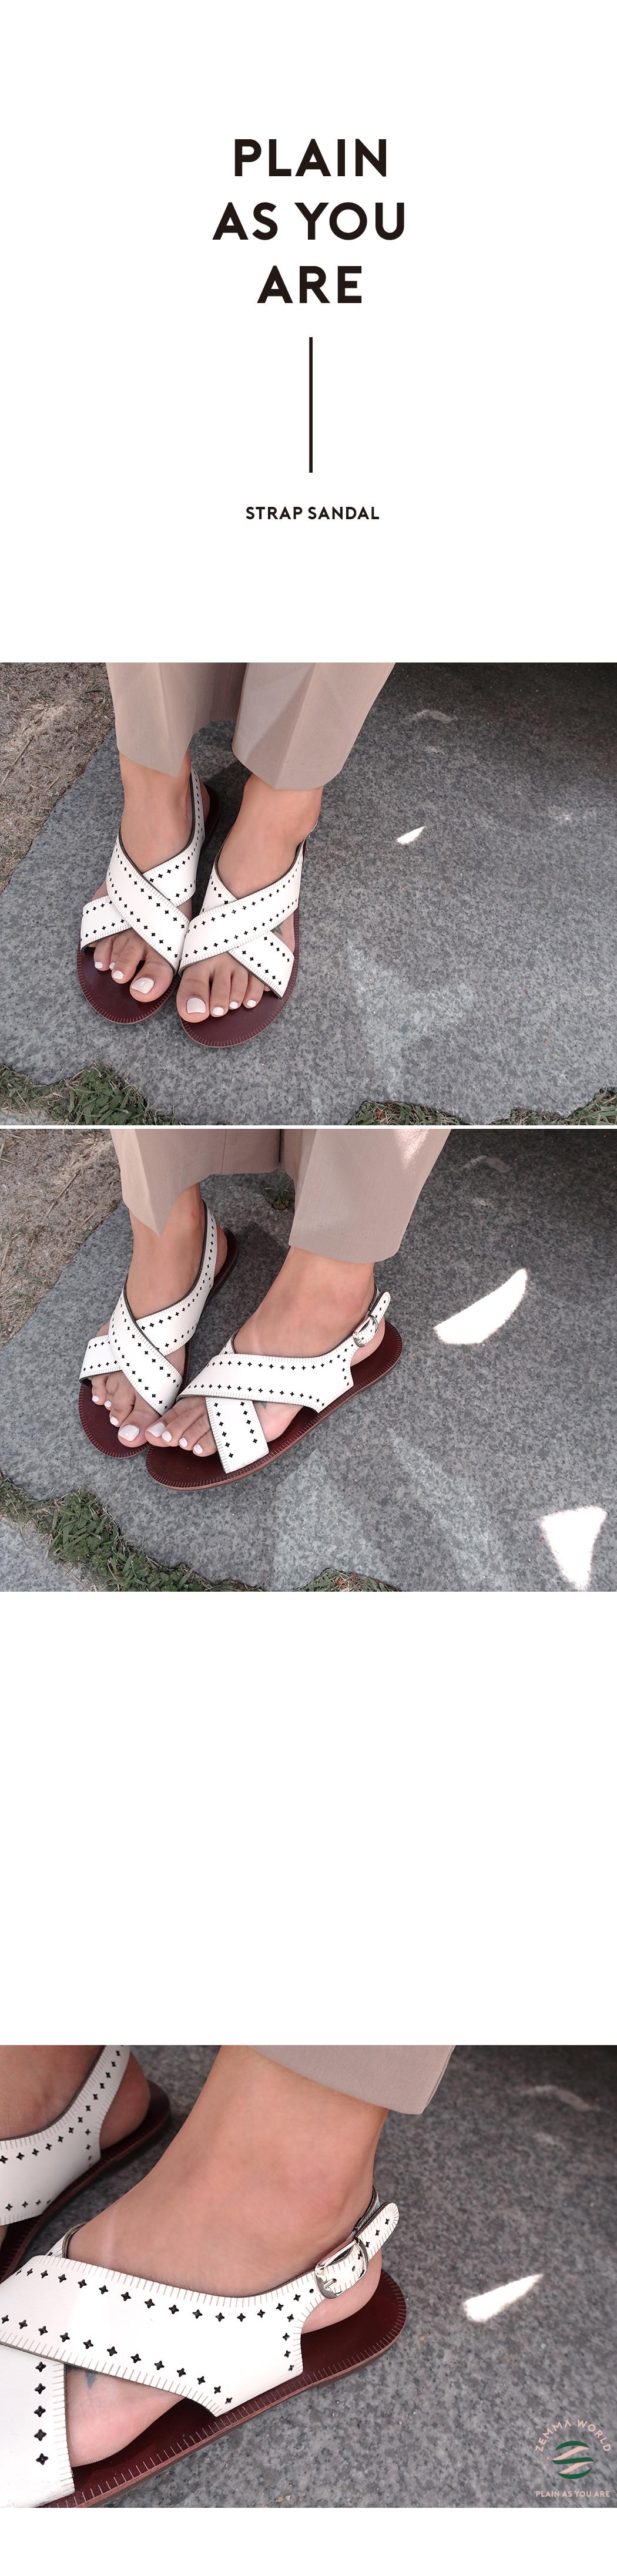 Ruller-Sandals